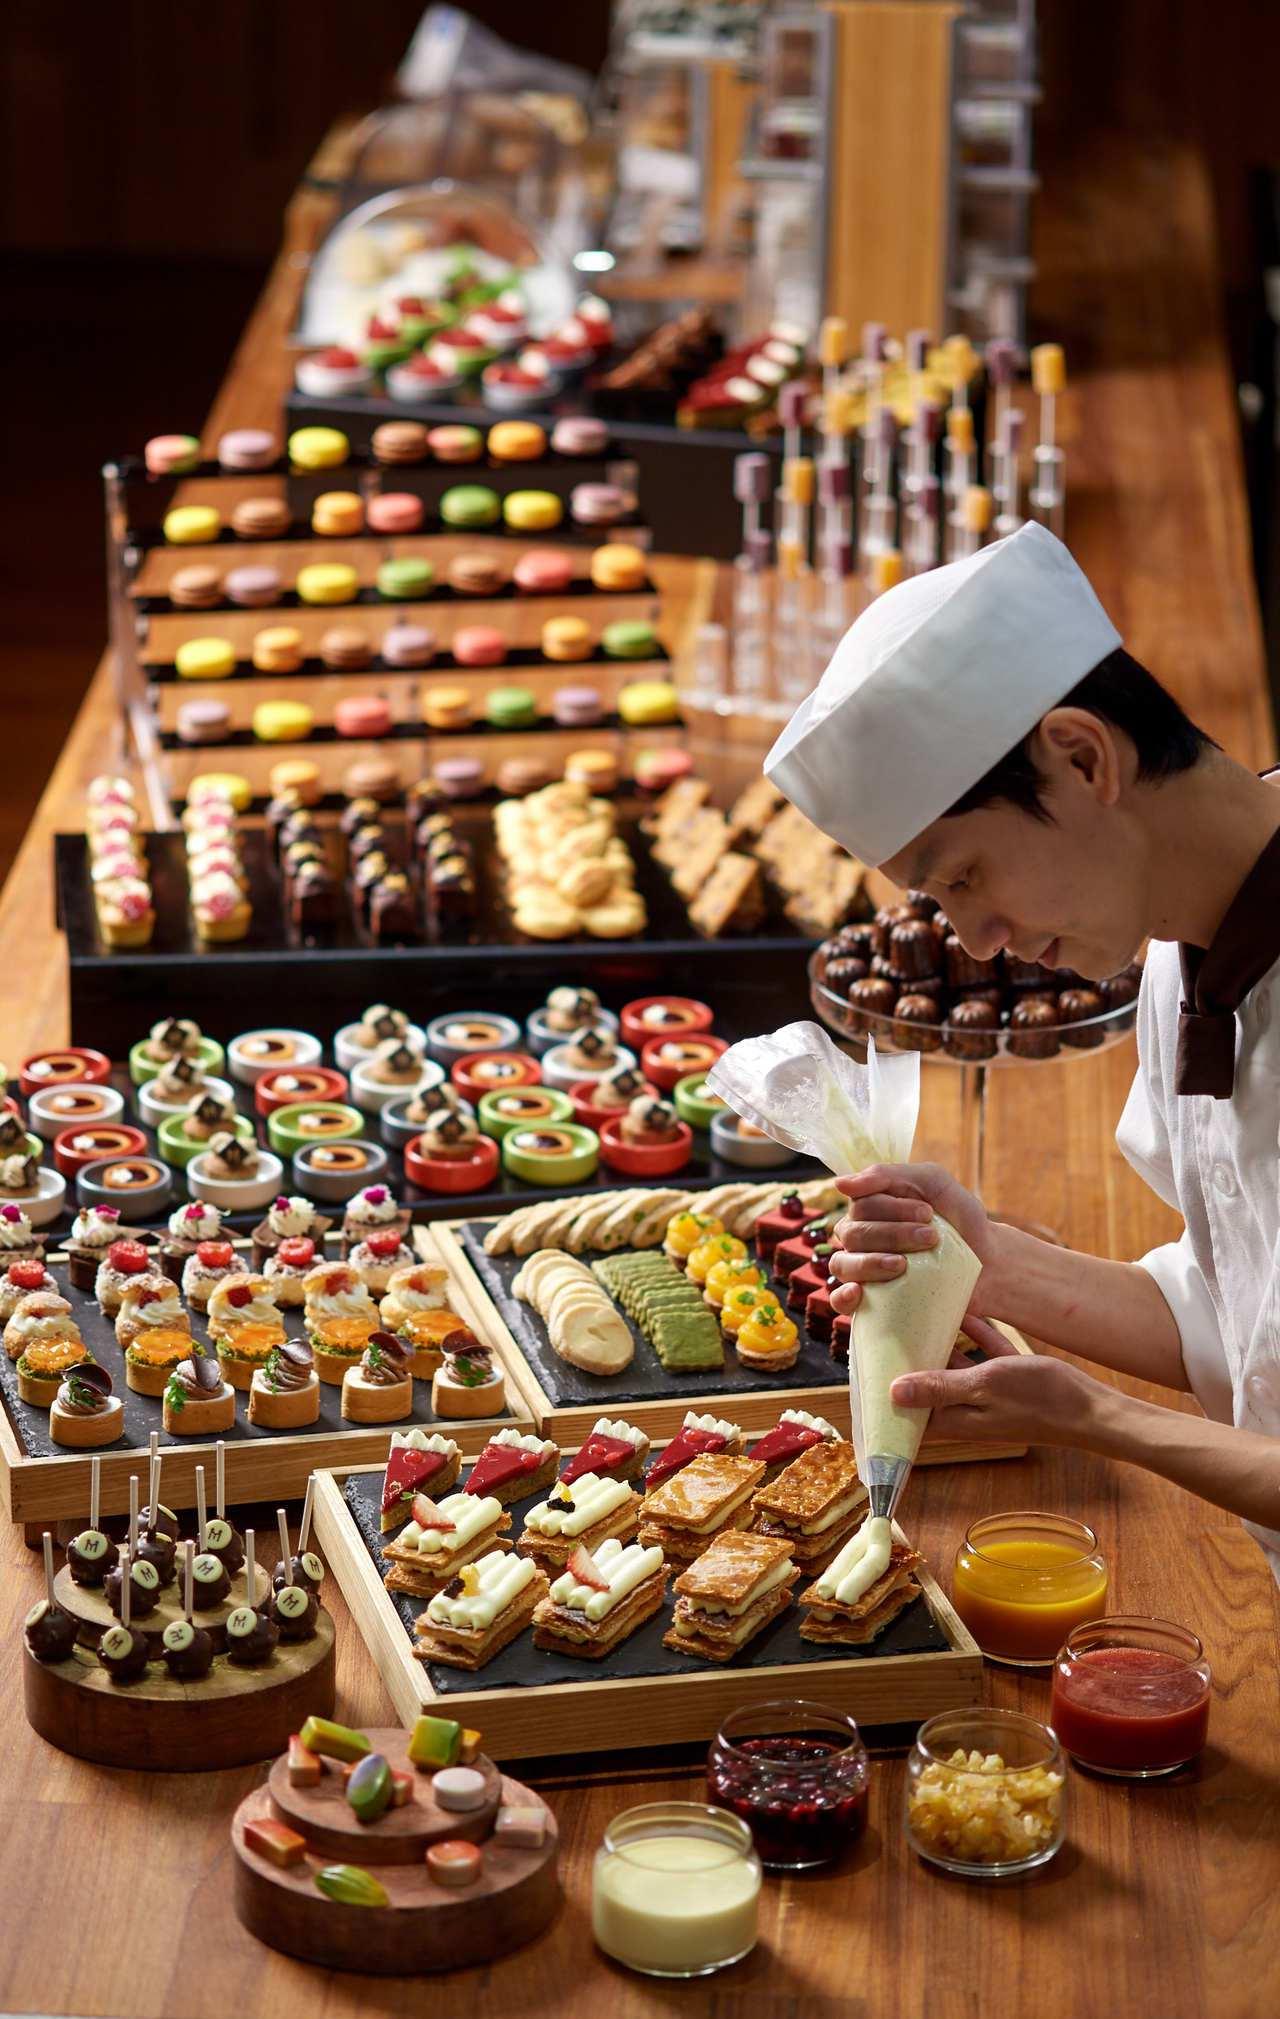 台北美福飯店彩匯自助餐推出買5送1優惠。圖/台北美福飯店提供